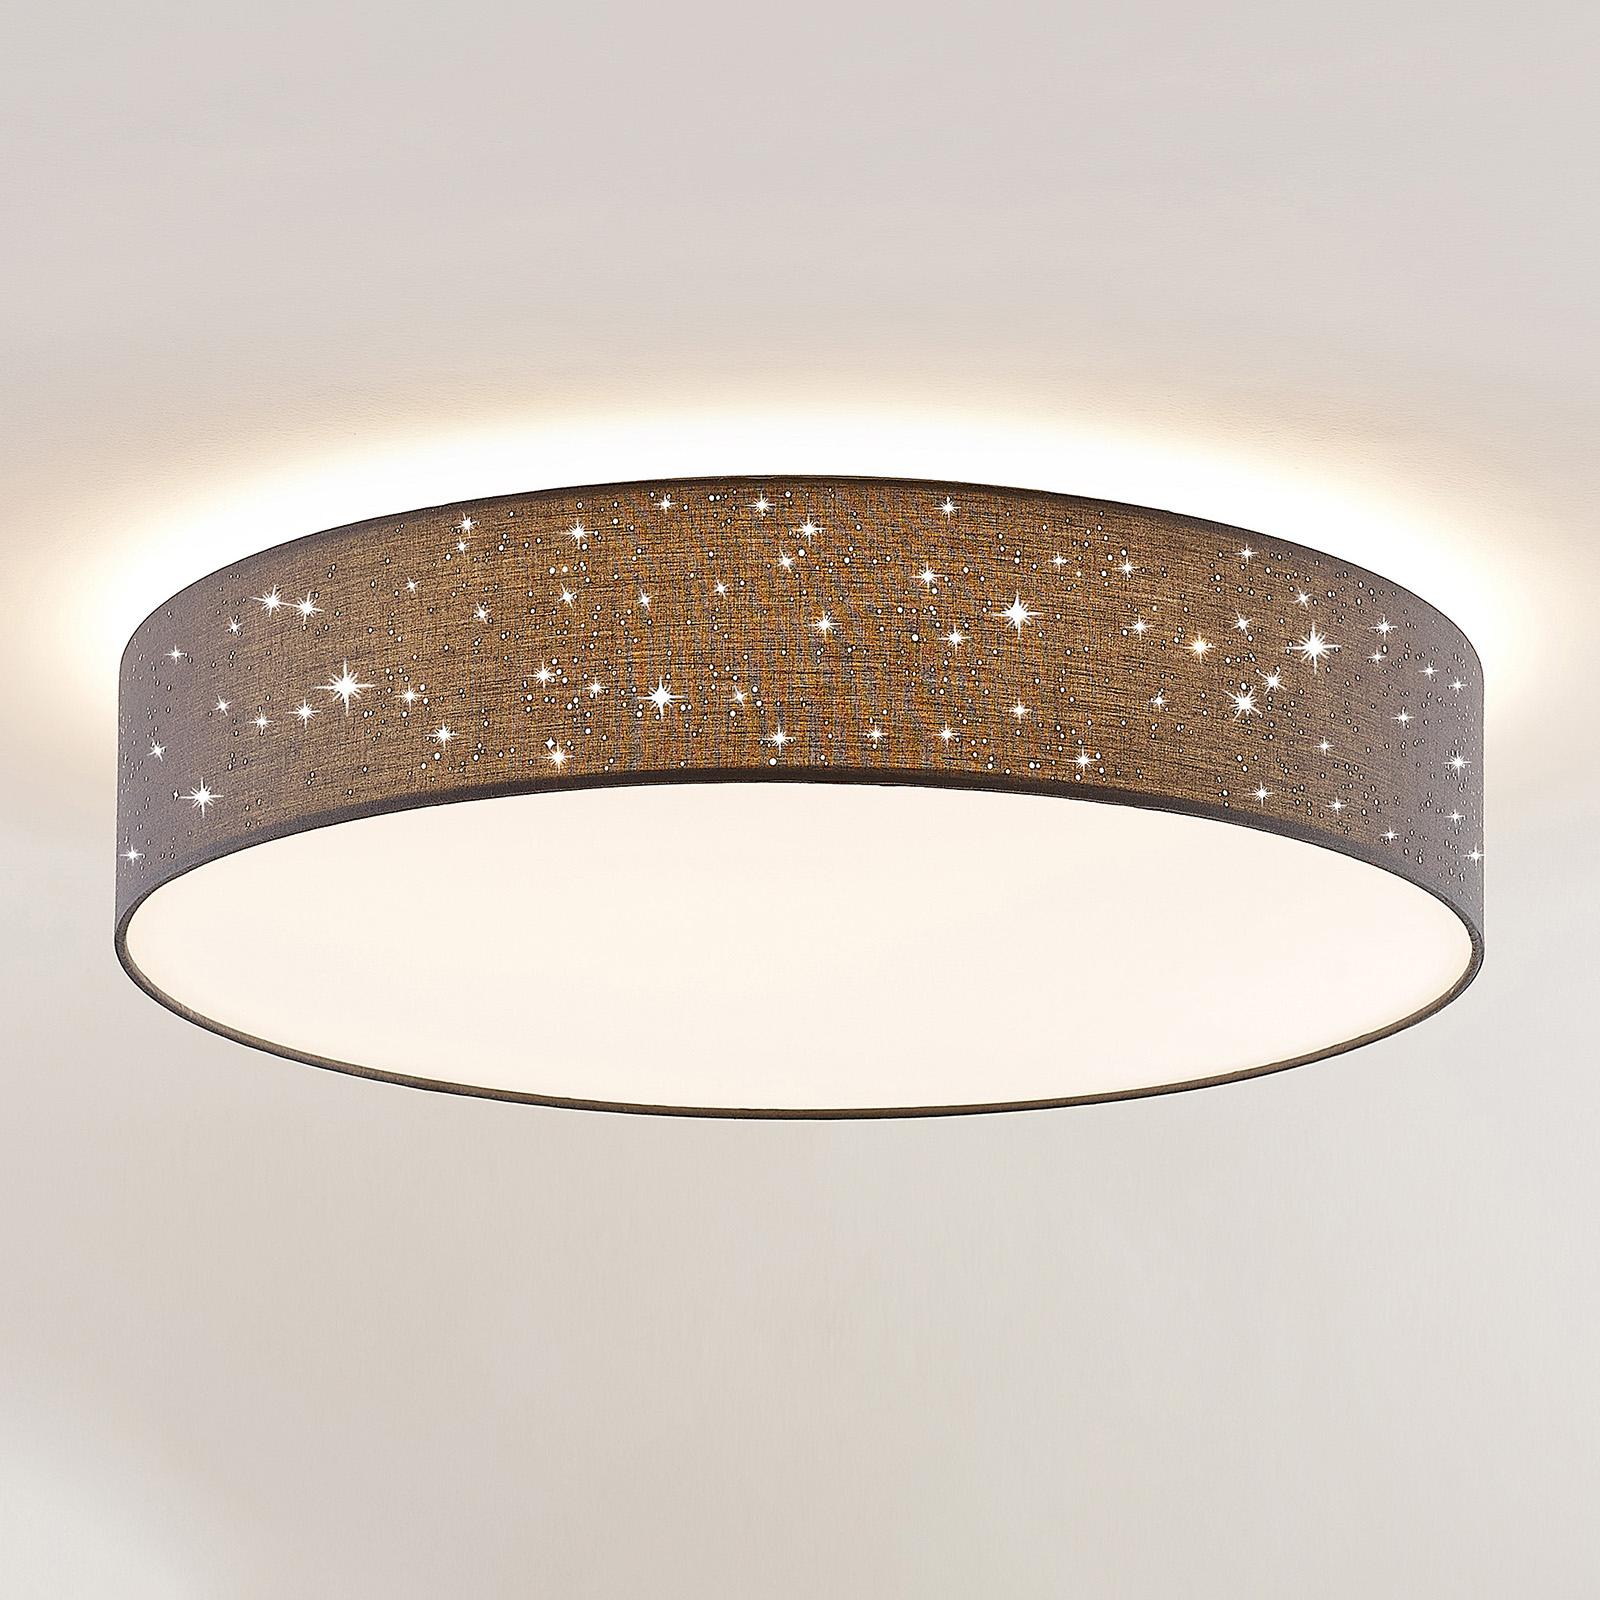 Lindby Ellamina lampa sufitowa, 60 cm, ciemnoszara